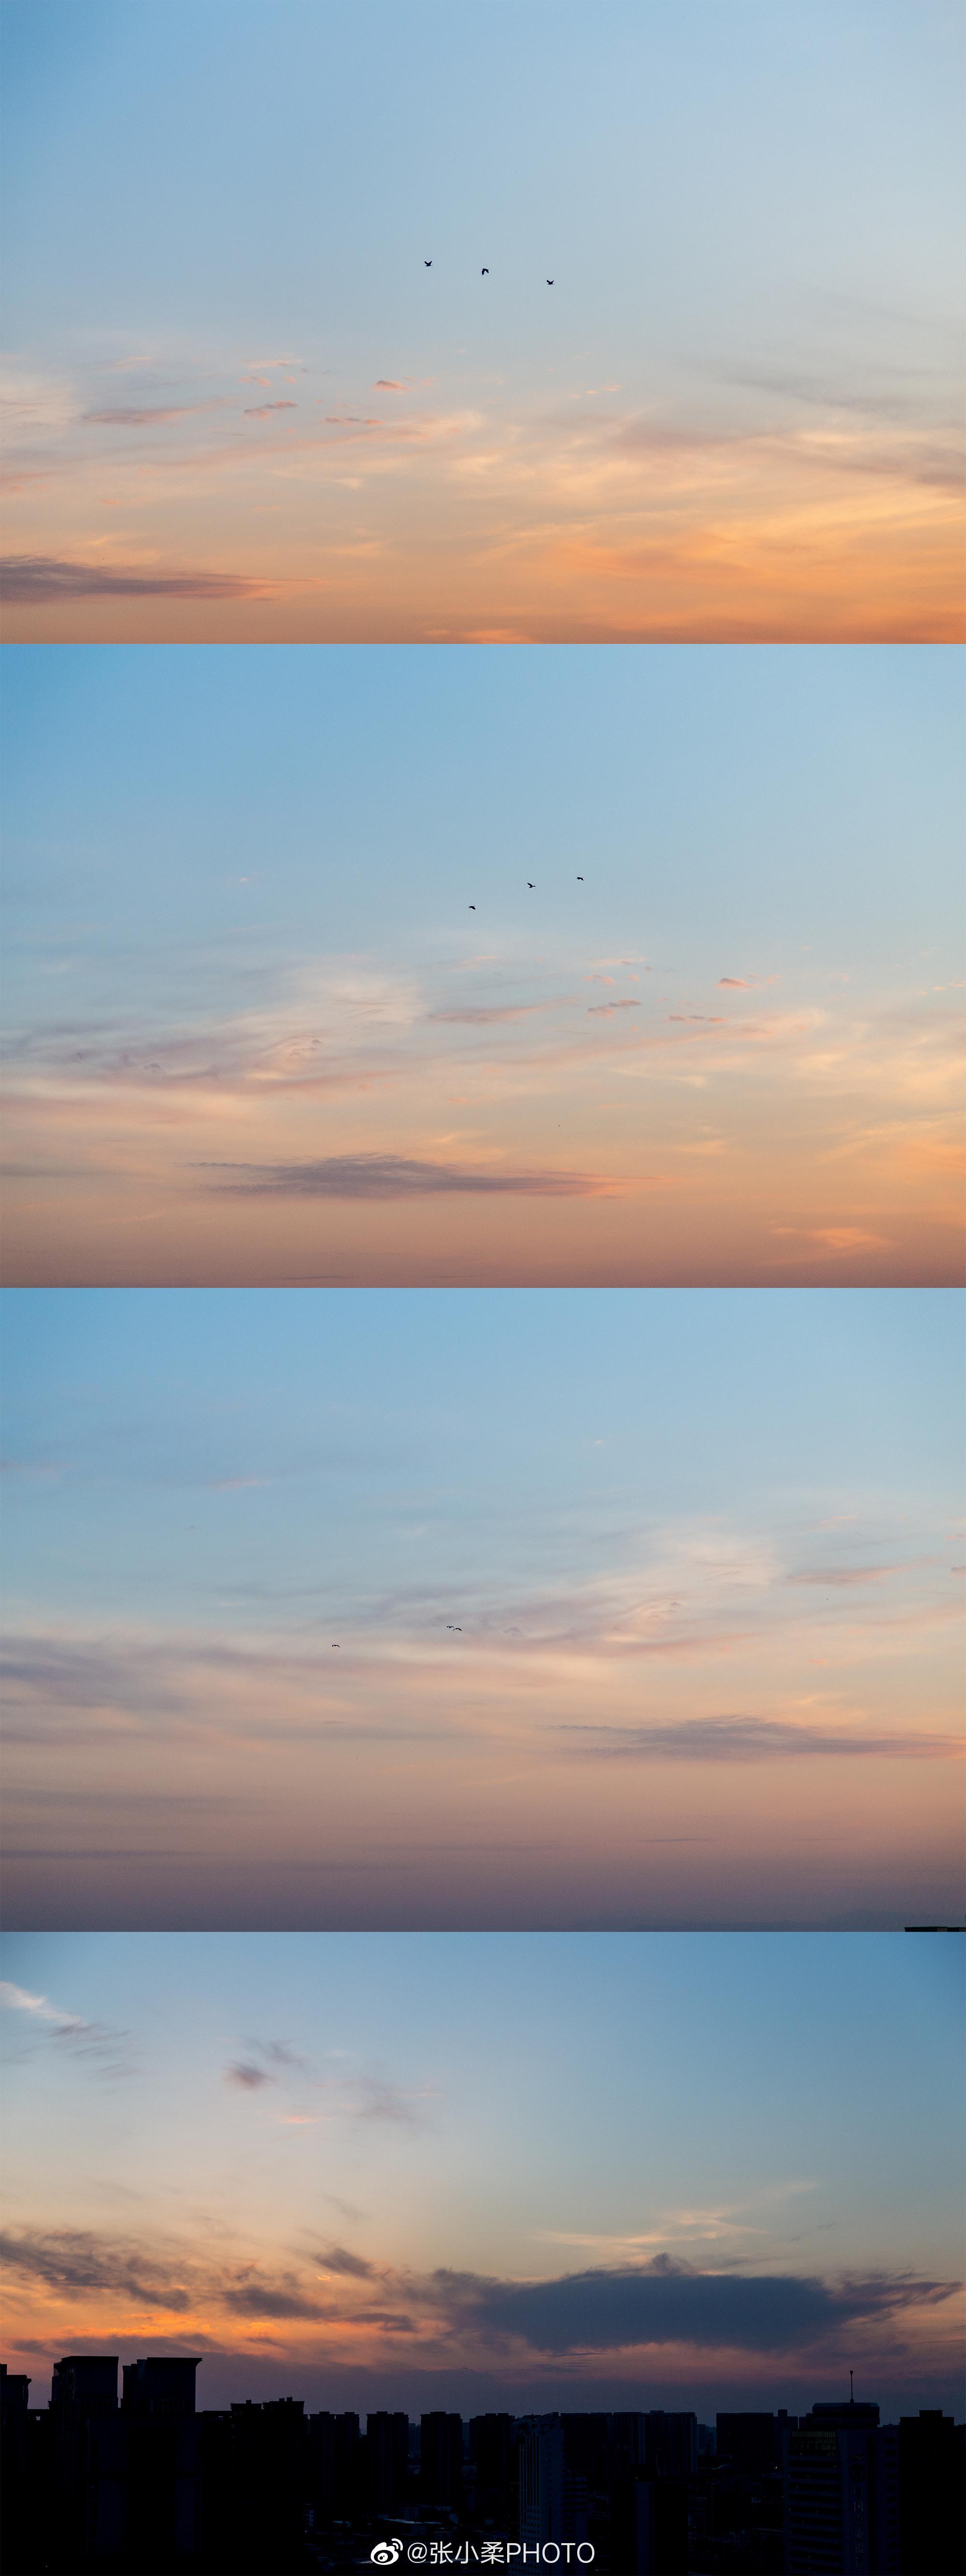 天空的素颜,你见过吗。 @张小柔PHOTO